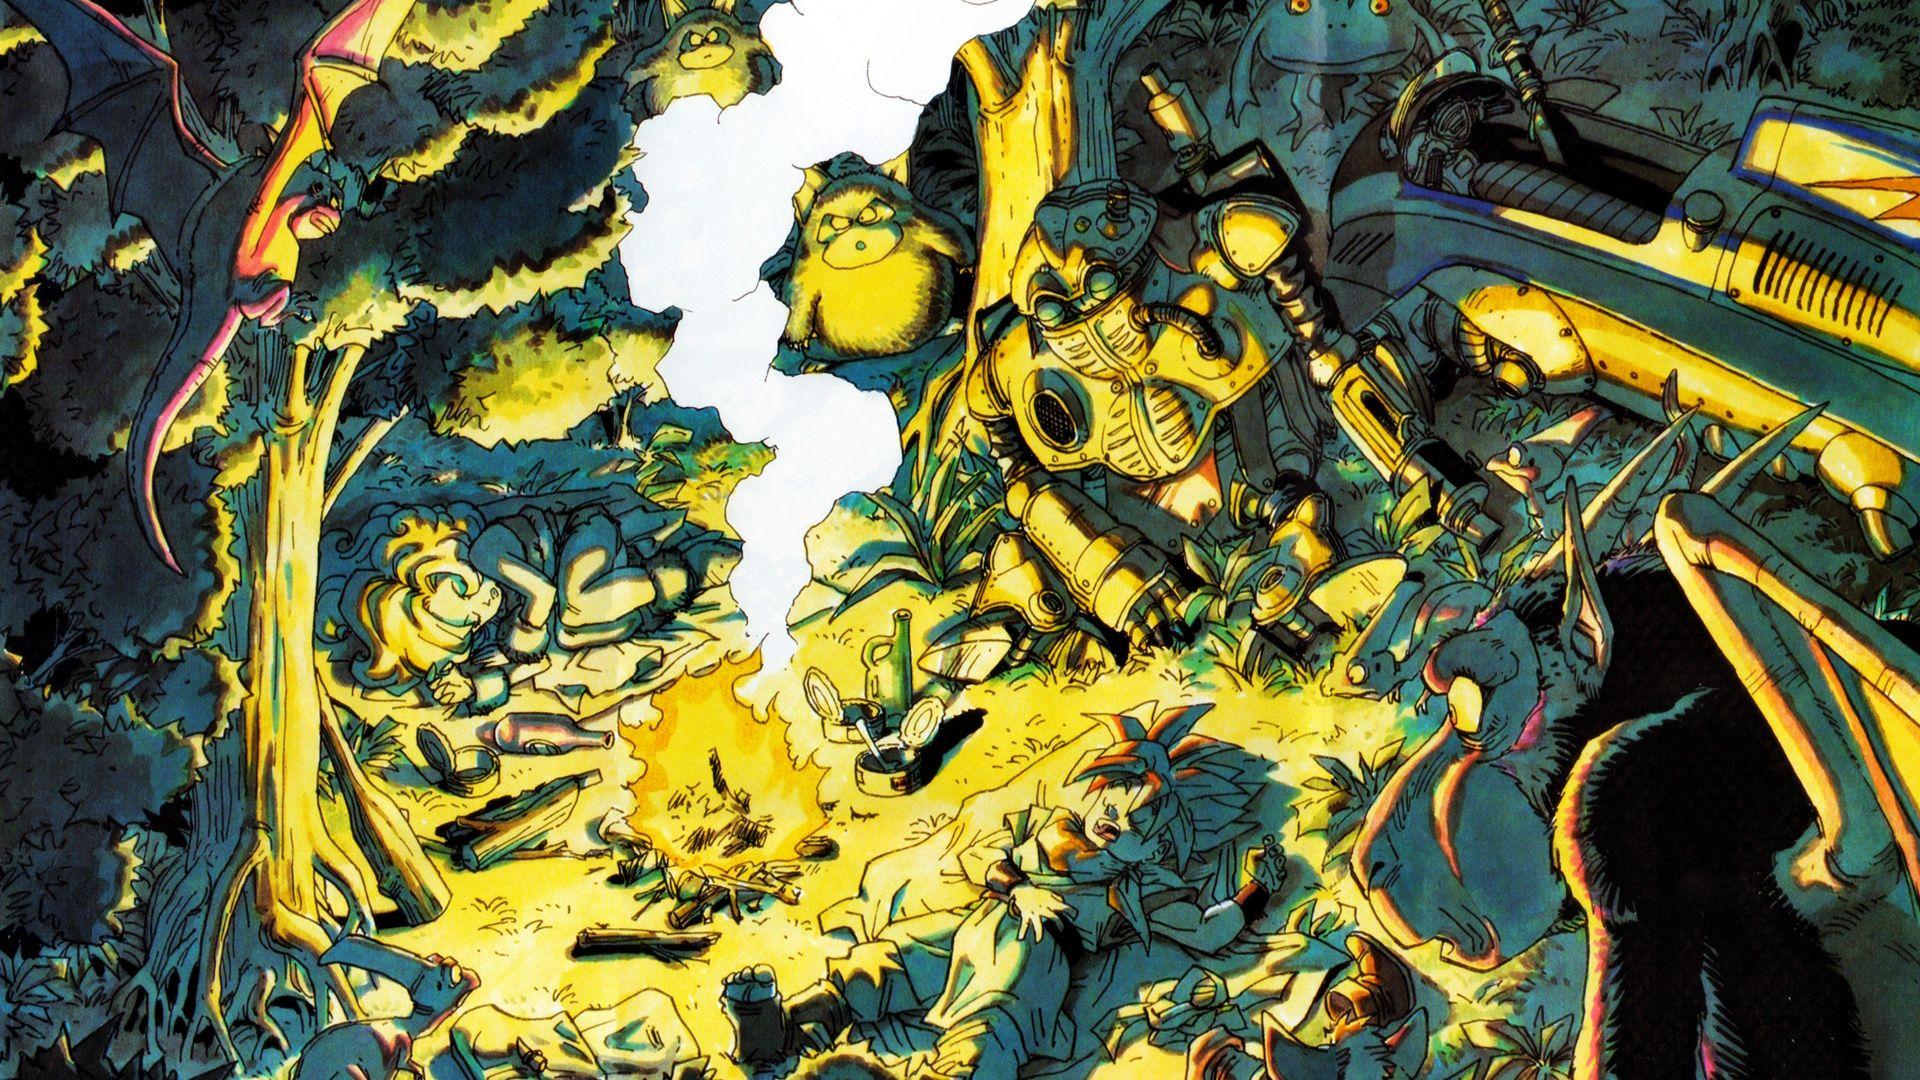 Chrono Trigger Chrono Trigger Retro Games Wallpaper Game Art